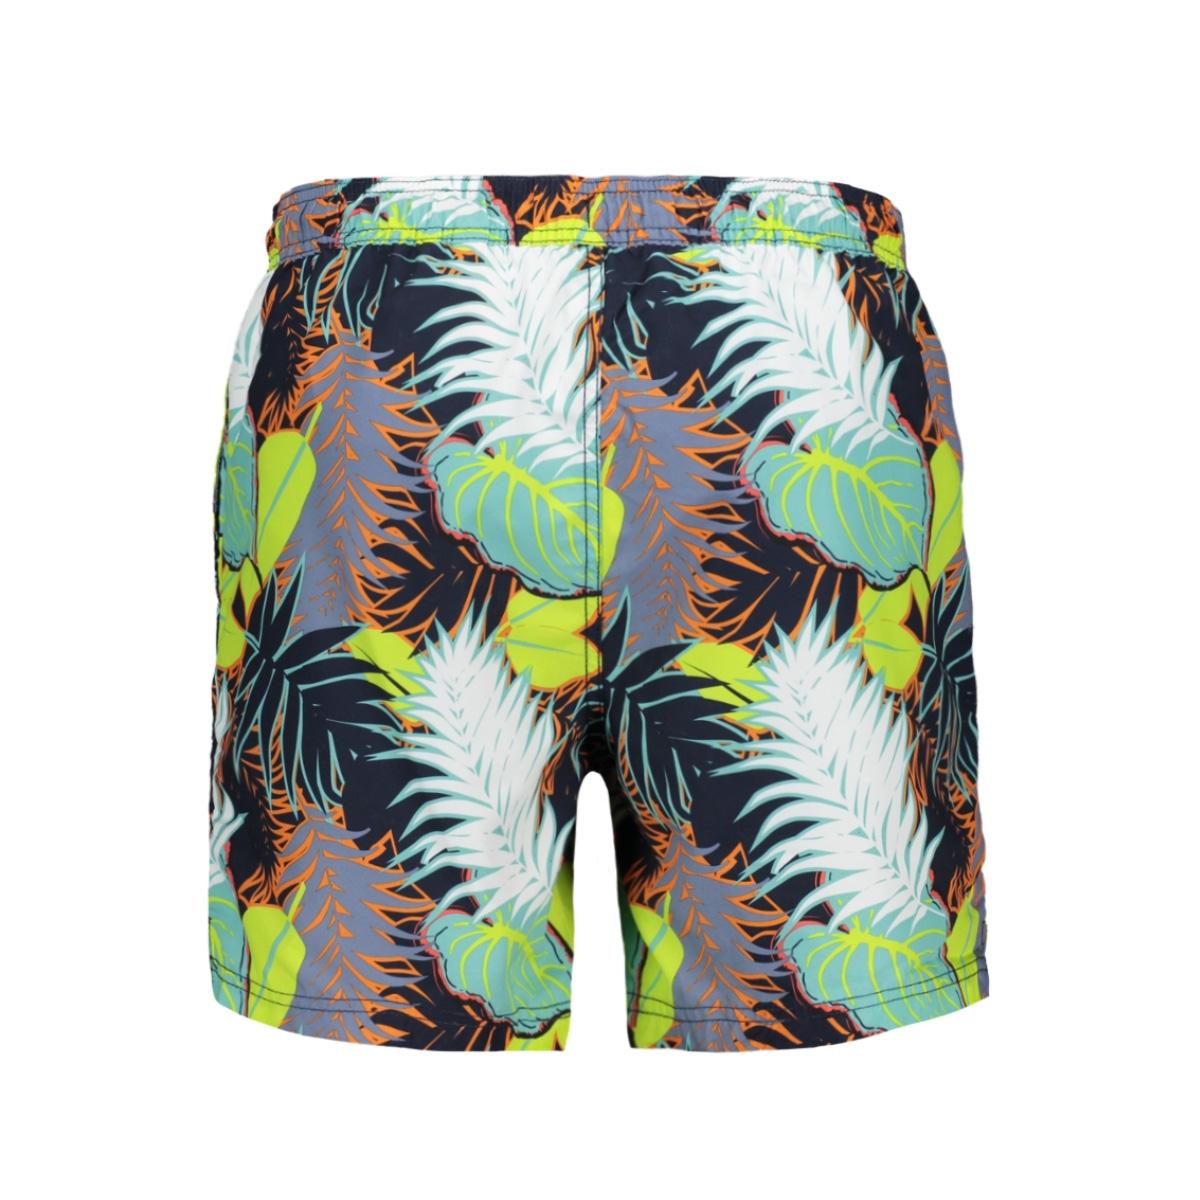 zwembroek met all over patroon 1016978xx12 tom tailor korte broek 22033